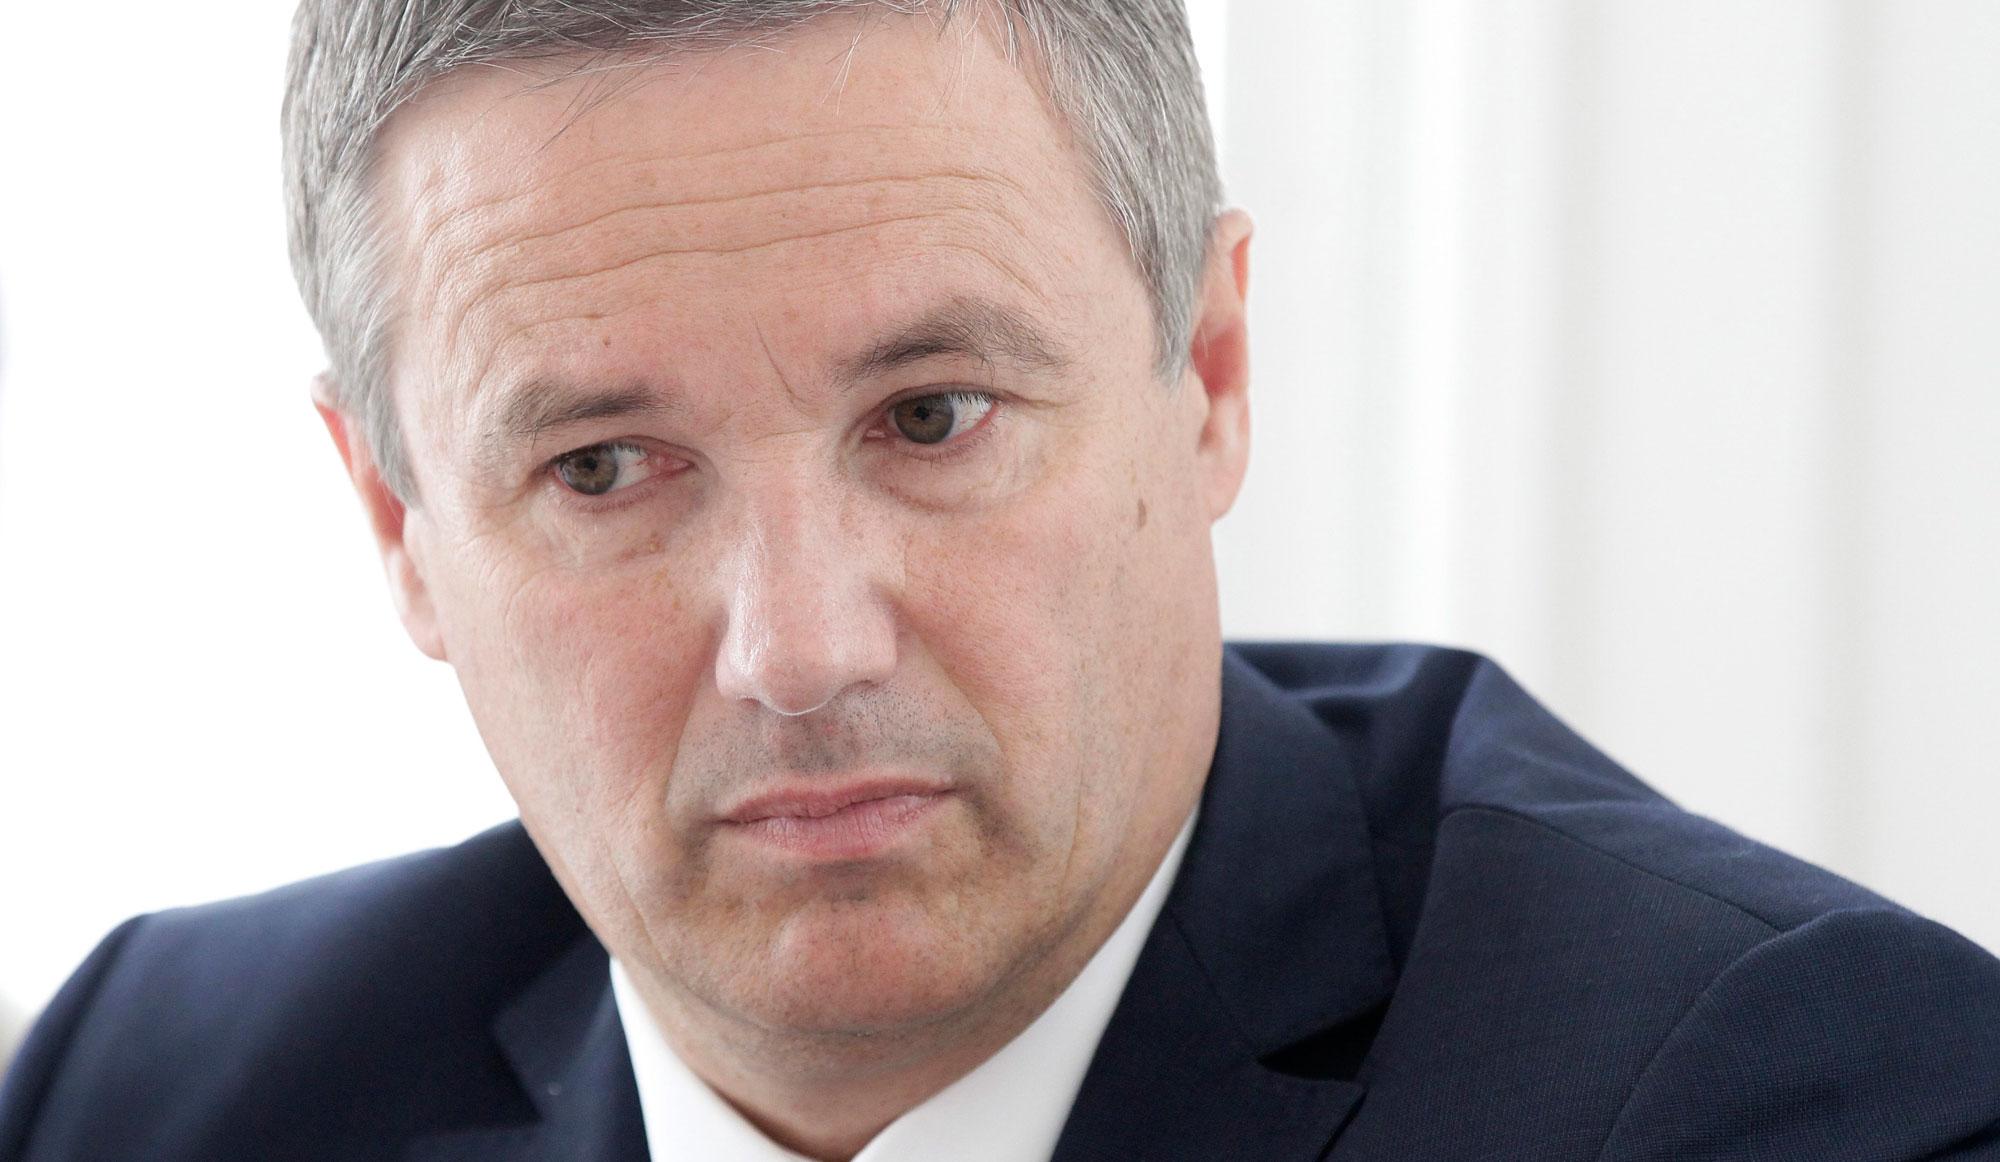 Coup de chapeau à Dupont-Aignan pour son attaque du Traité transatlantique